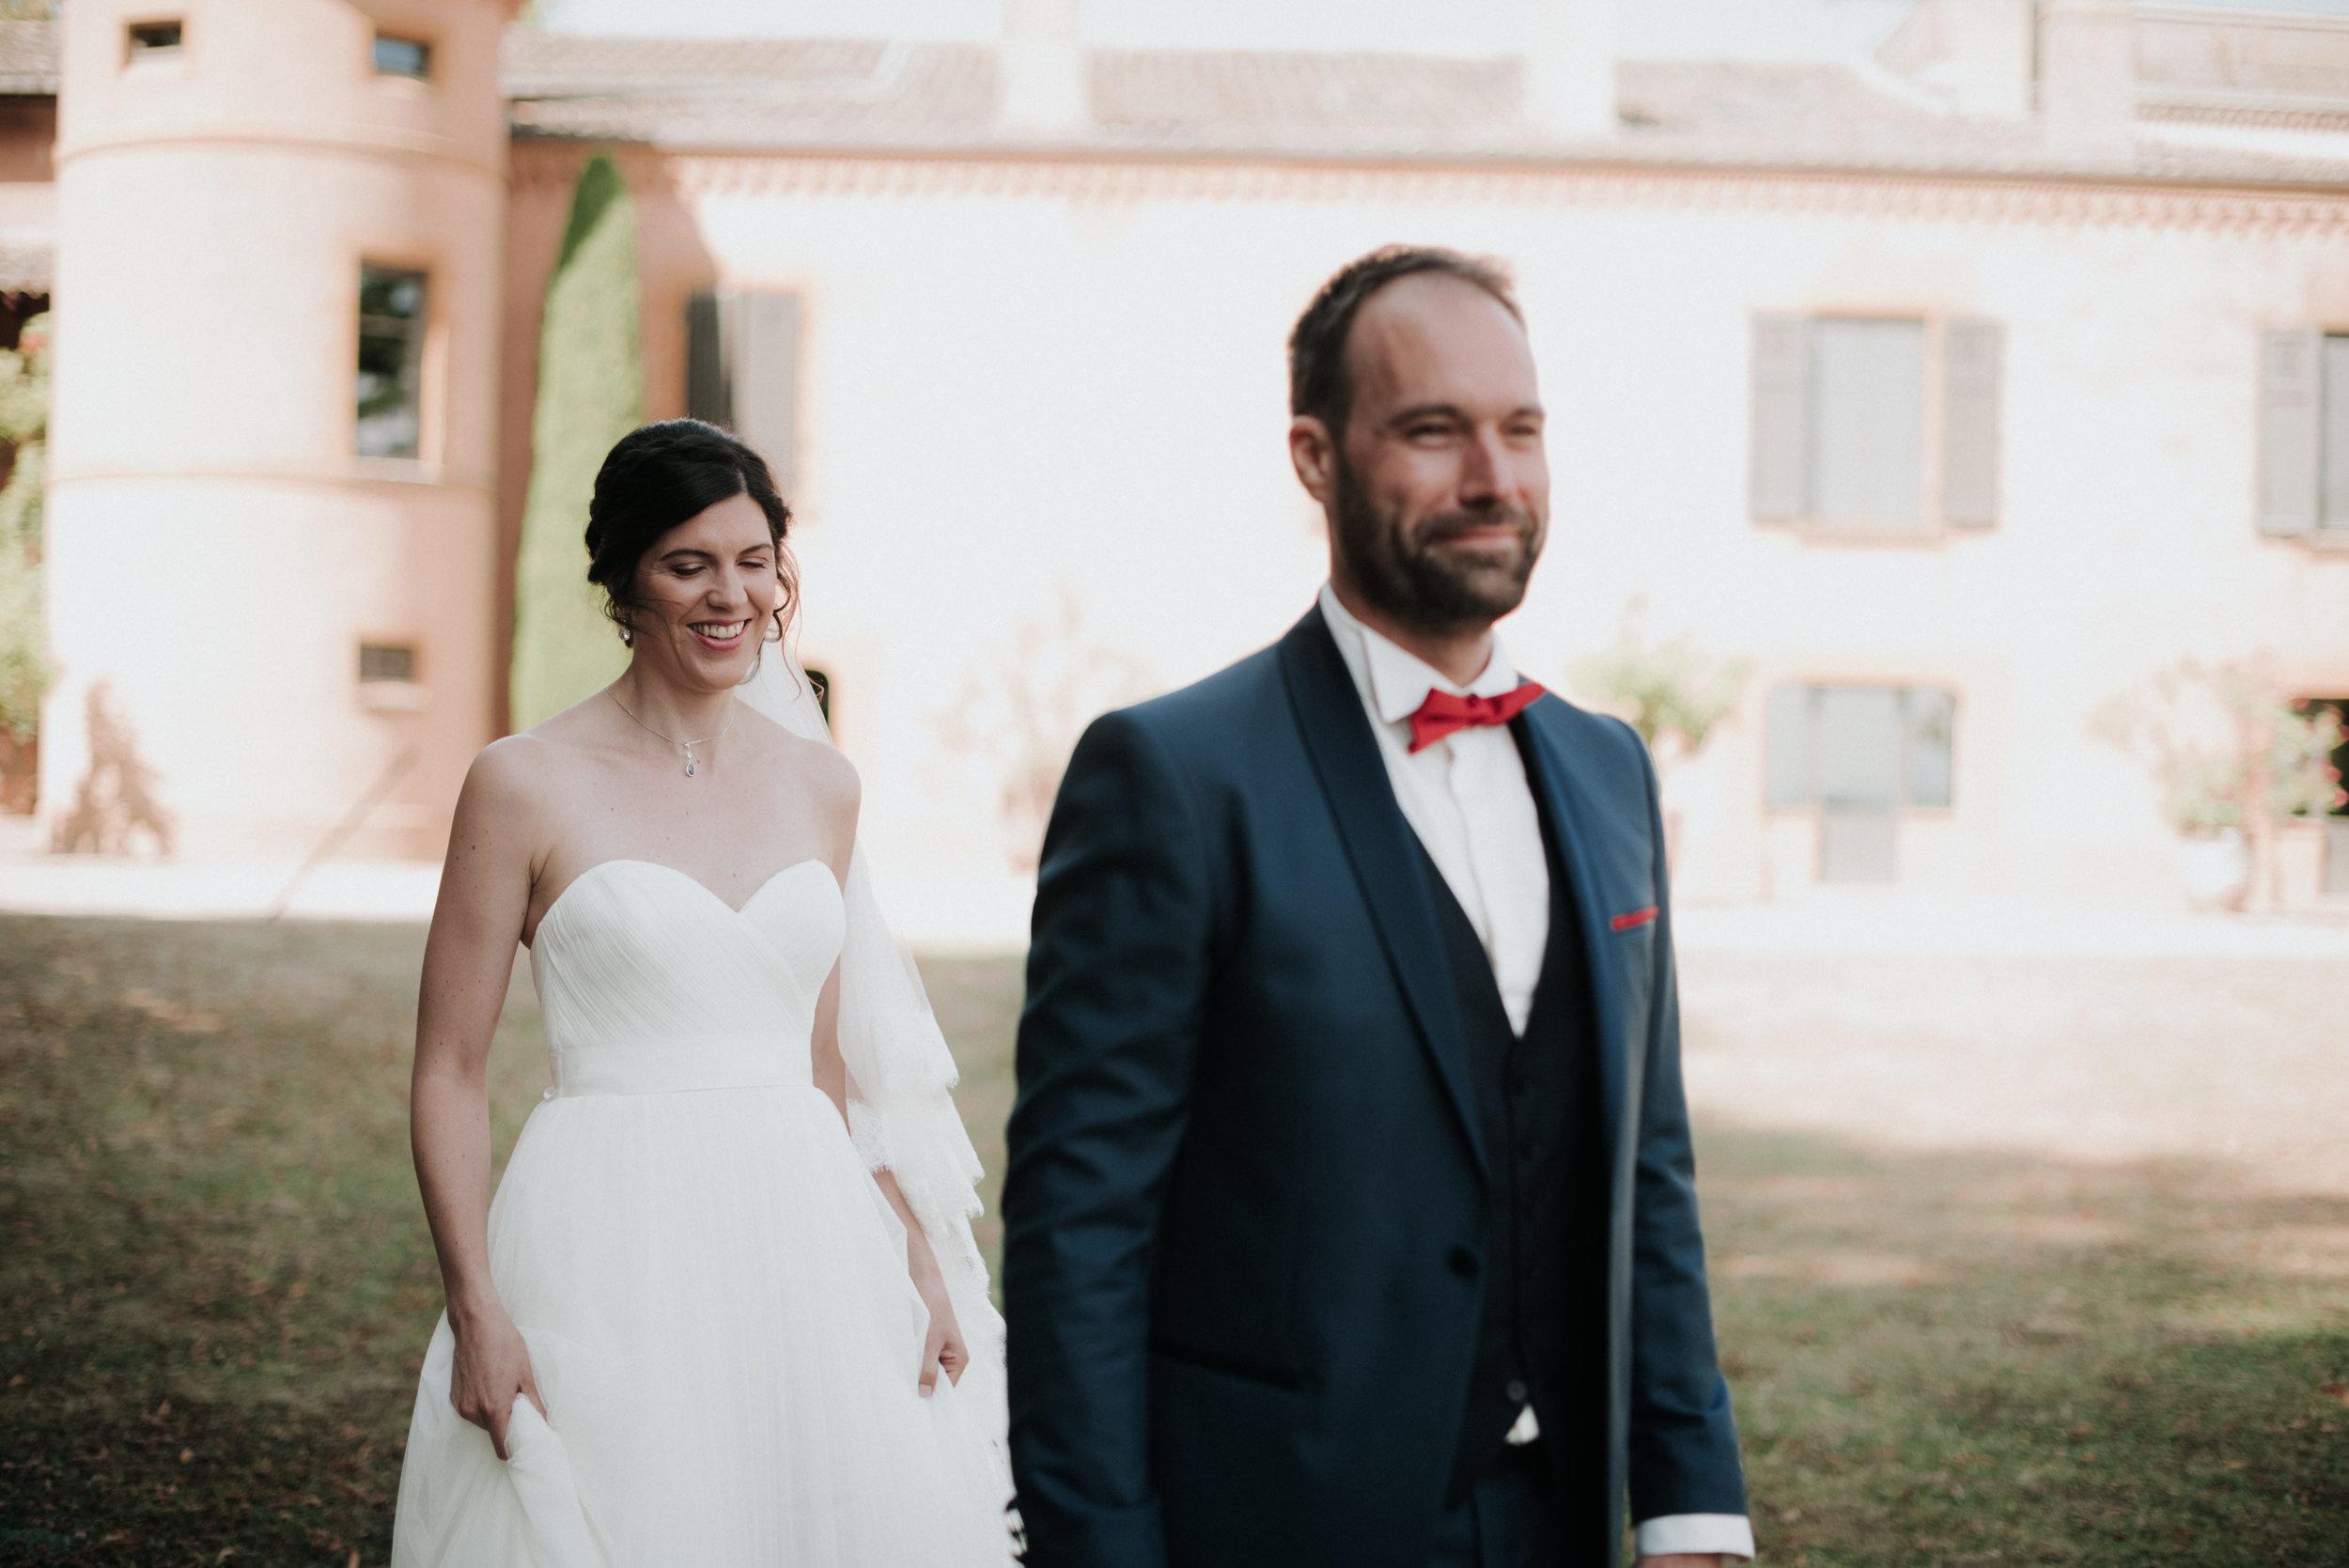 Léa-Fery-photographe-professionnel-lyon-rhone-alpes-portrait-creation-mariage-evenement-evenementiel-famille-8441.jpg